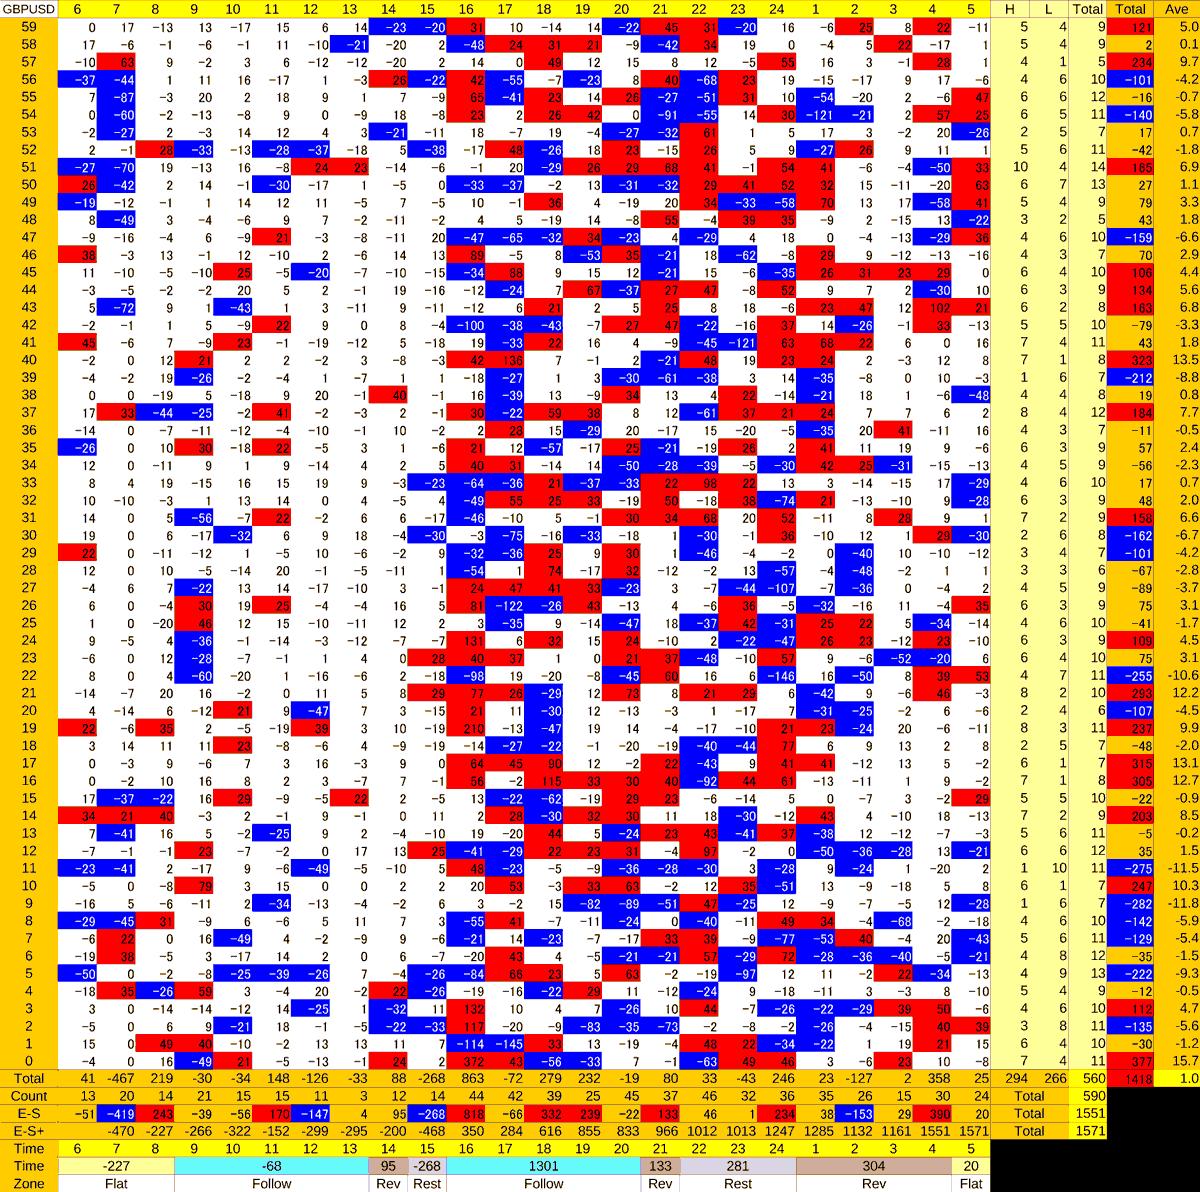 20201105_HS(2)GBPUSD